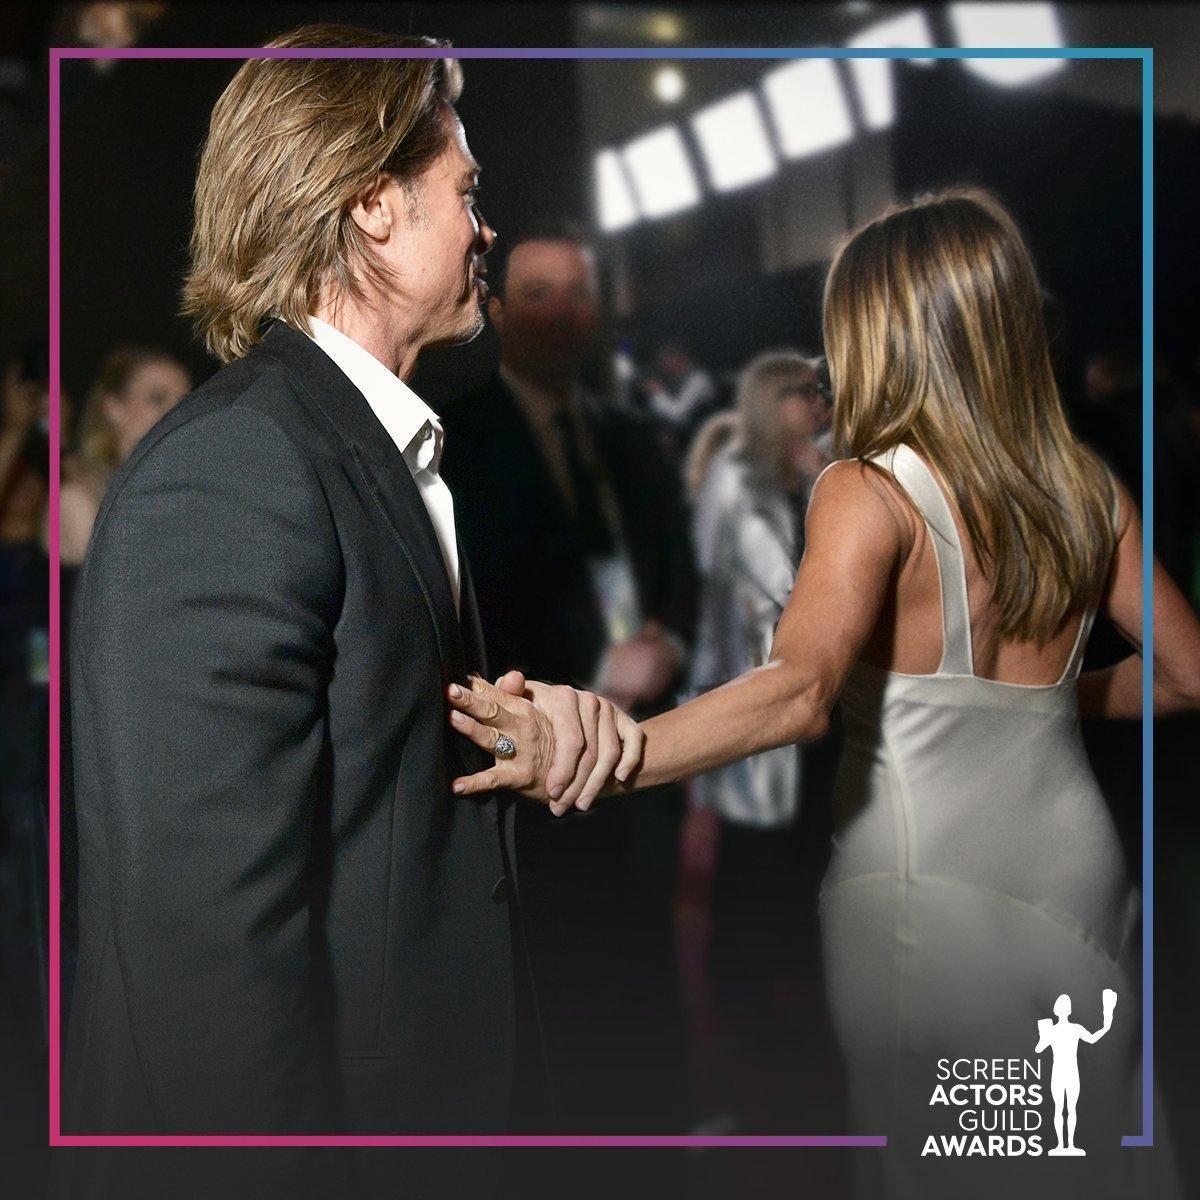 珍妮佛的手壓在小布胸前,而小布則緊抓著珍妮佛的手。(SAG Awards twitter)